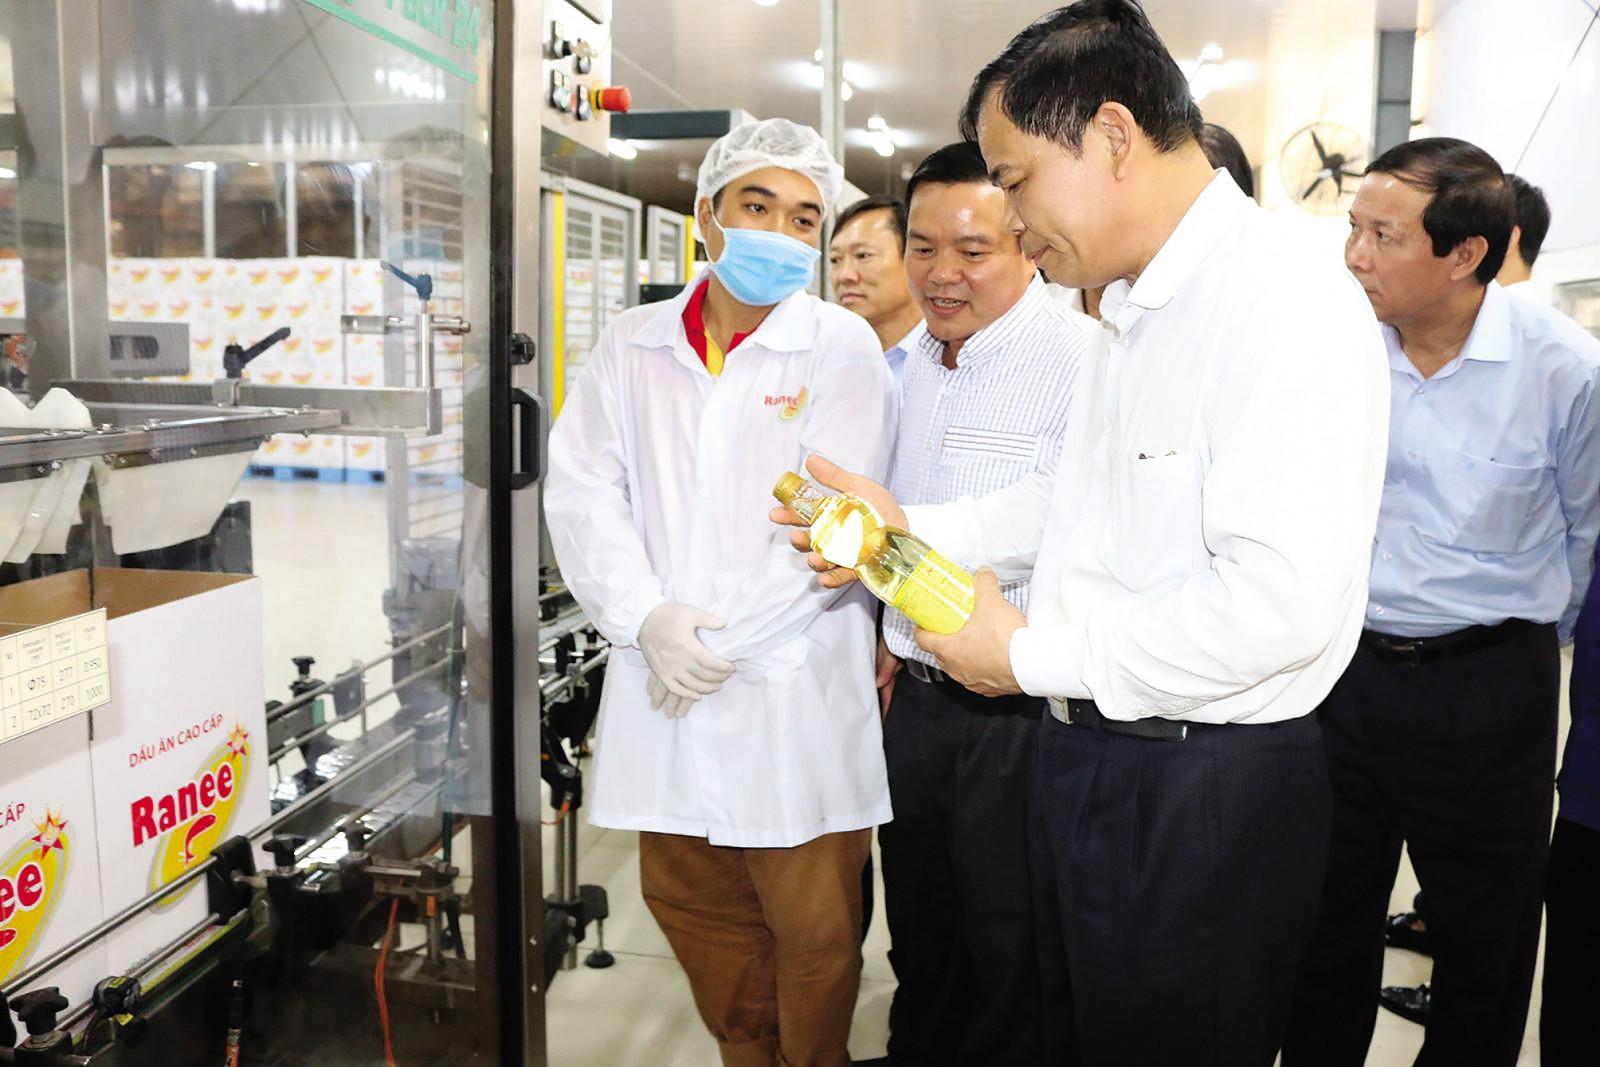 Bộ trưởng Bộ NN&PTNT Nguyễn Xuân Cường thăm Nhà máy tinh luyện dầu ăn Ranee.